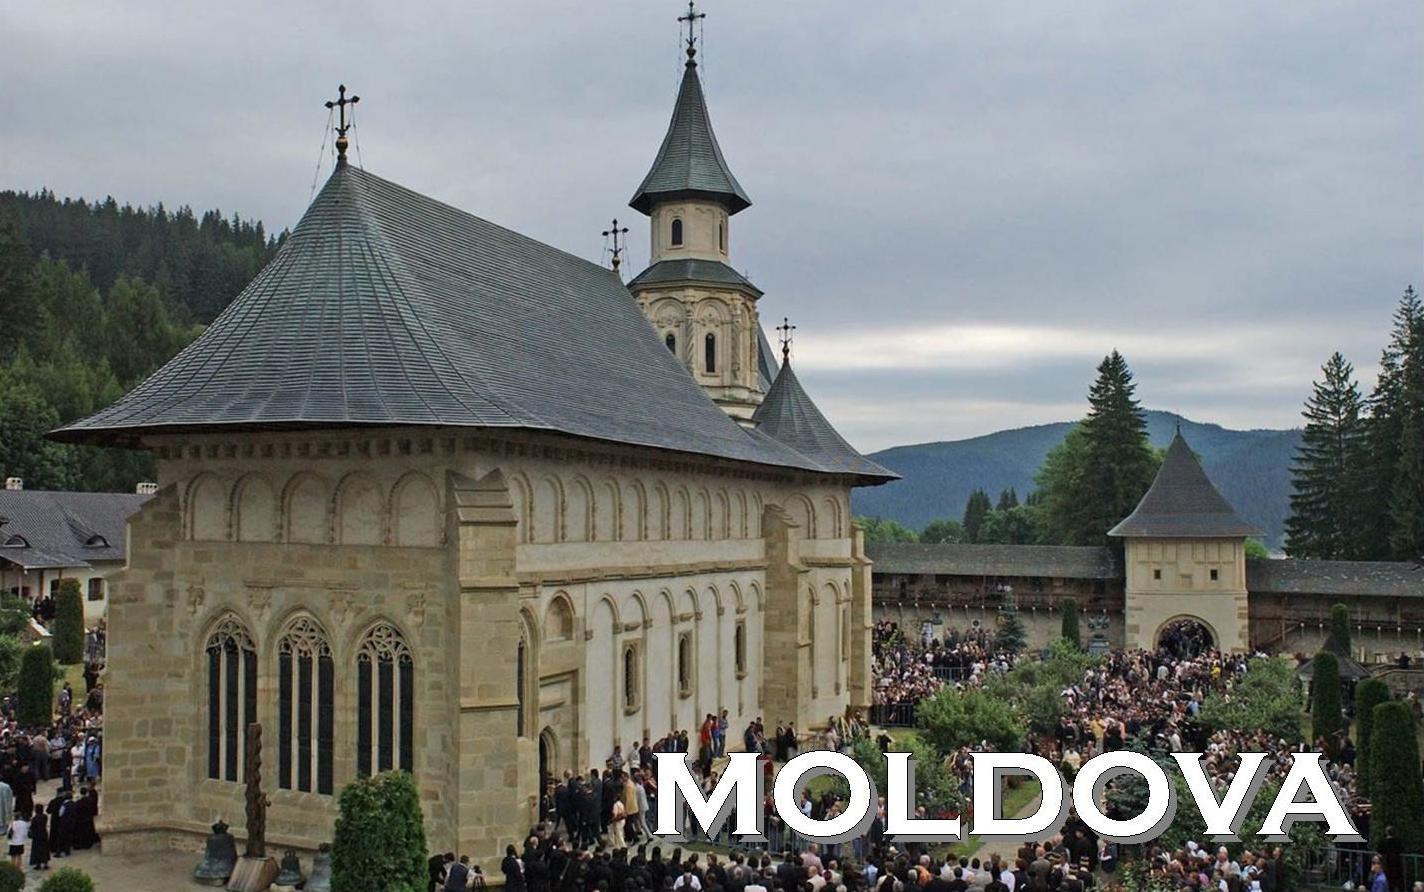 moldova_pic_02